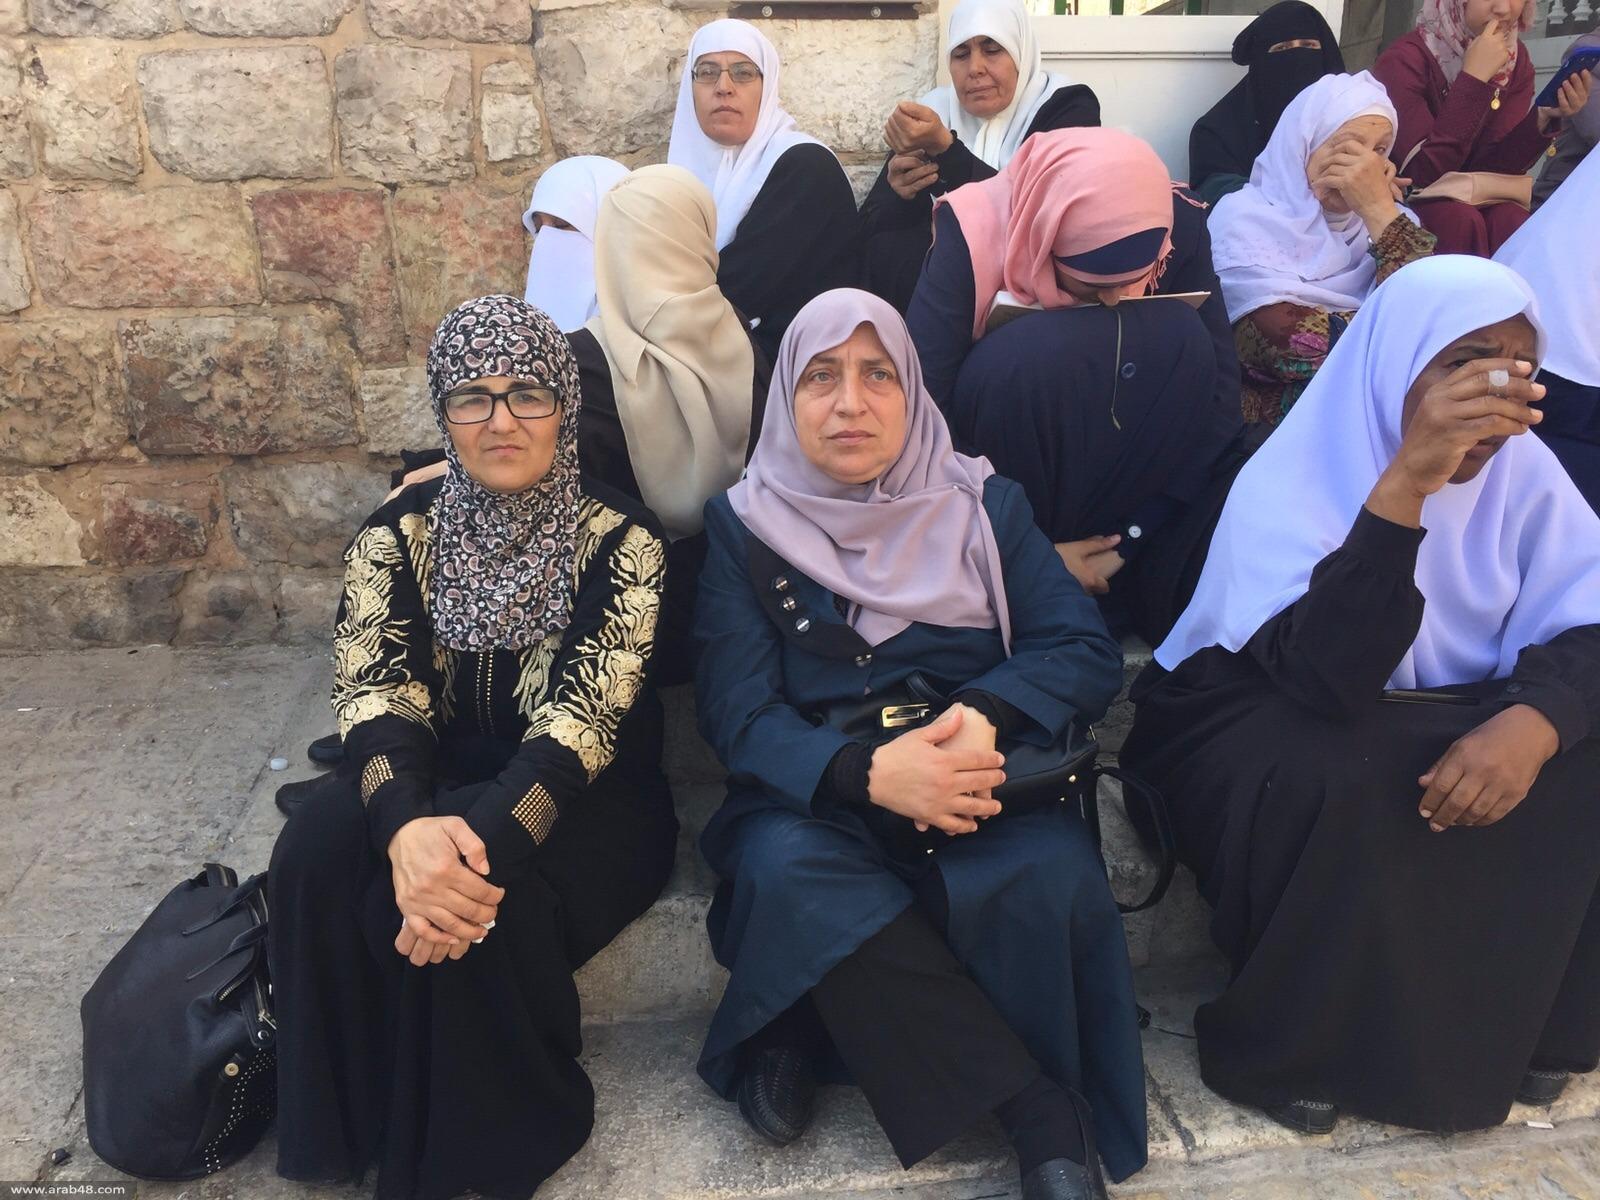 القدس: إغلاق البلدة القديمة واعتداءات واعتقالات